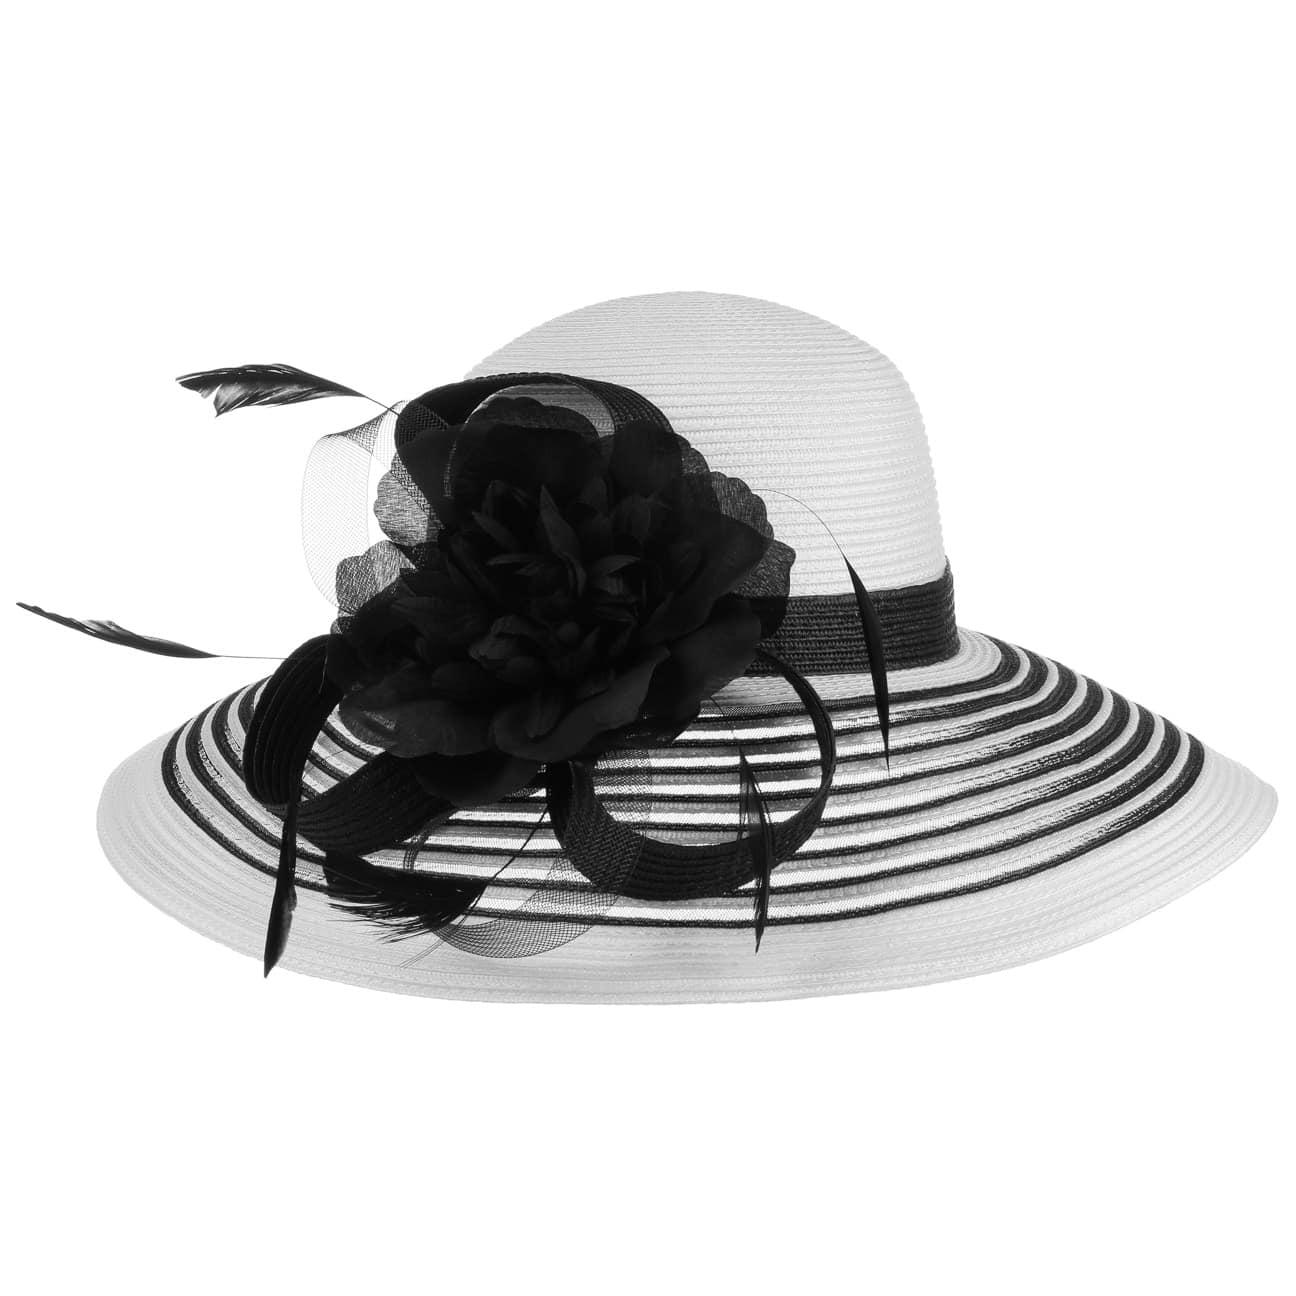 Chapeau pour Femme Lanna Twotone by Betmar  chapeau de soleil